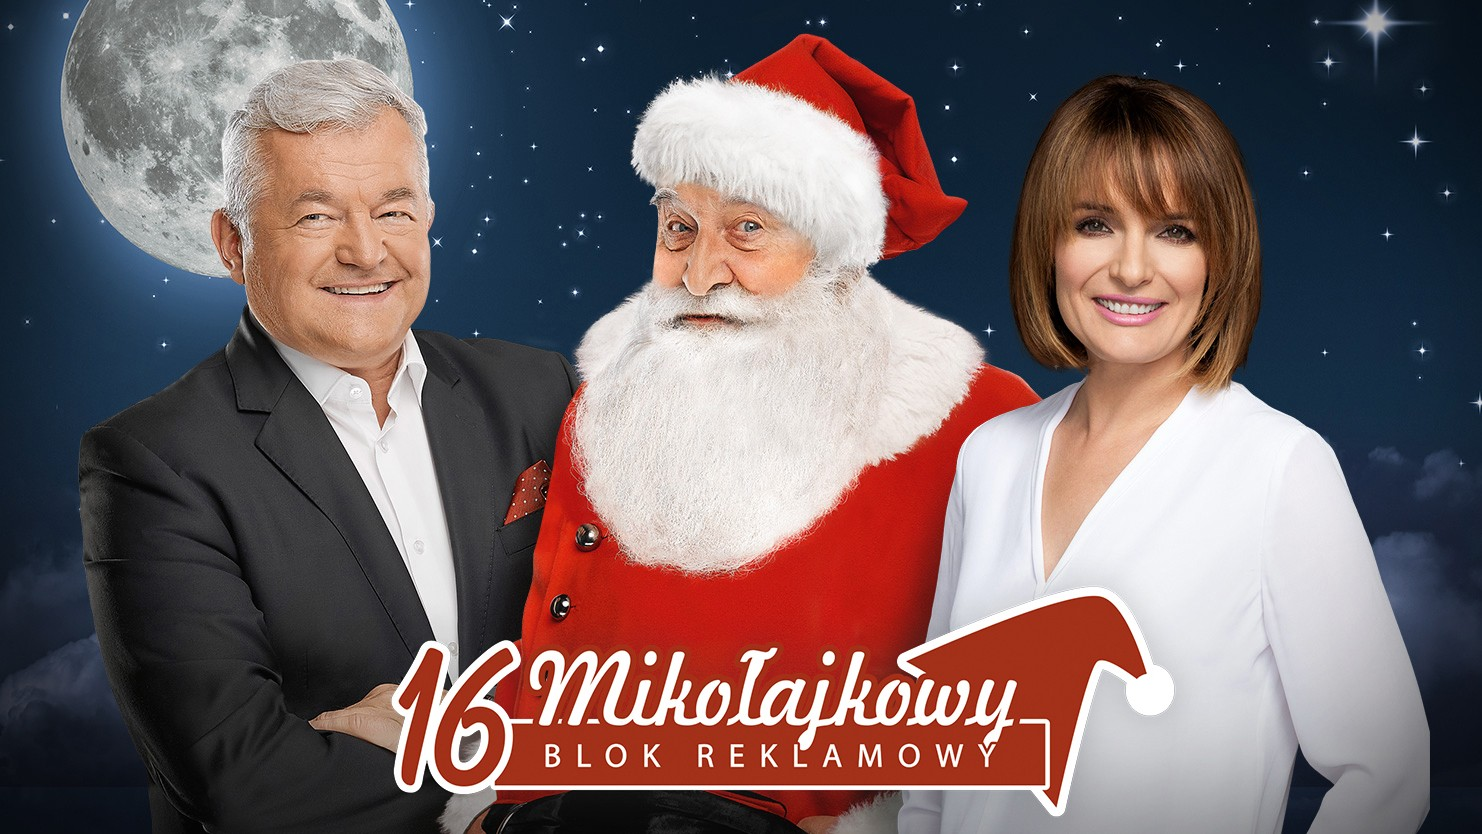 Mikołajkowy Blok Reklamowy 2019: Ponad 5 mln widzów! - Polsat.pl